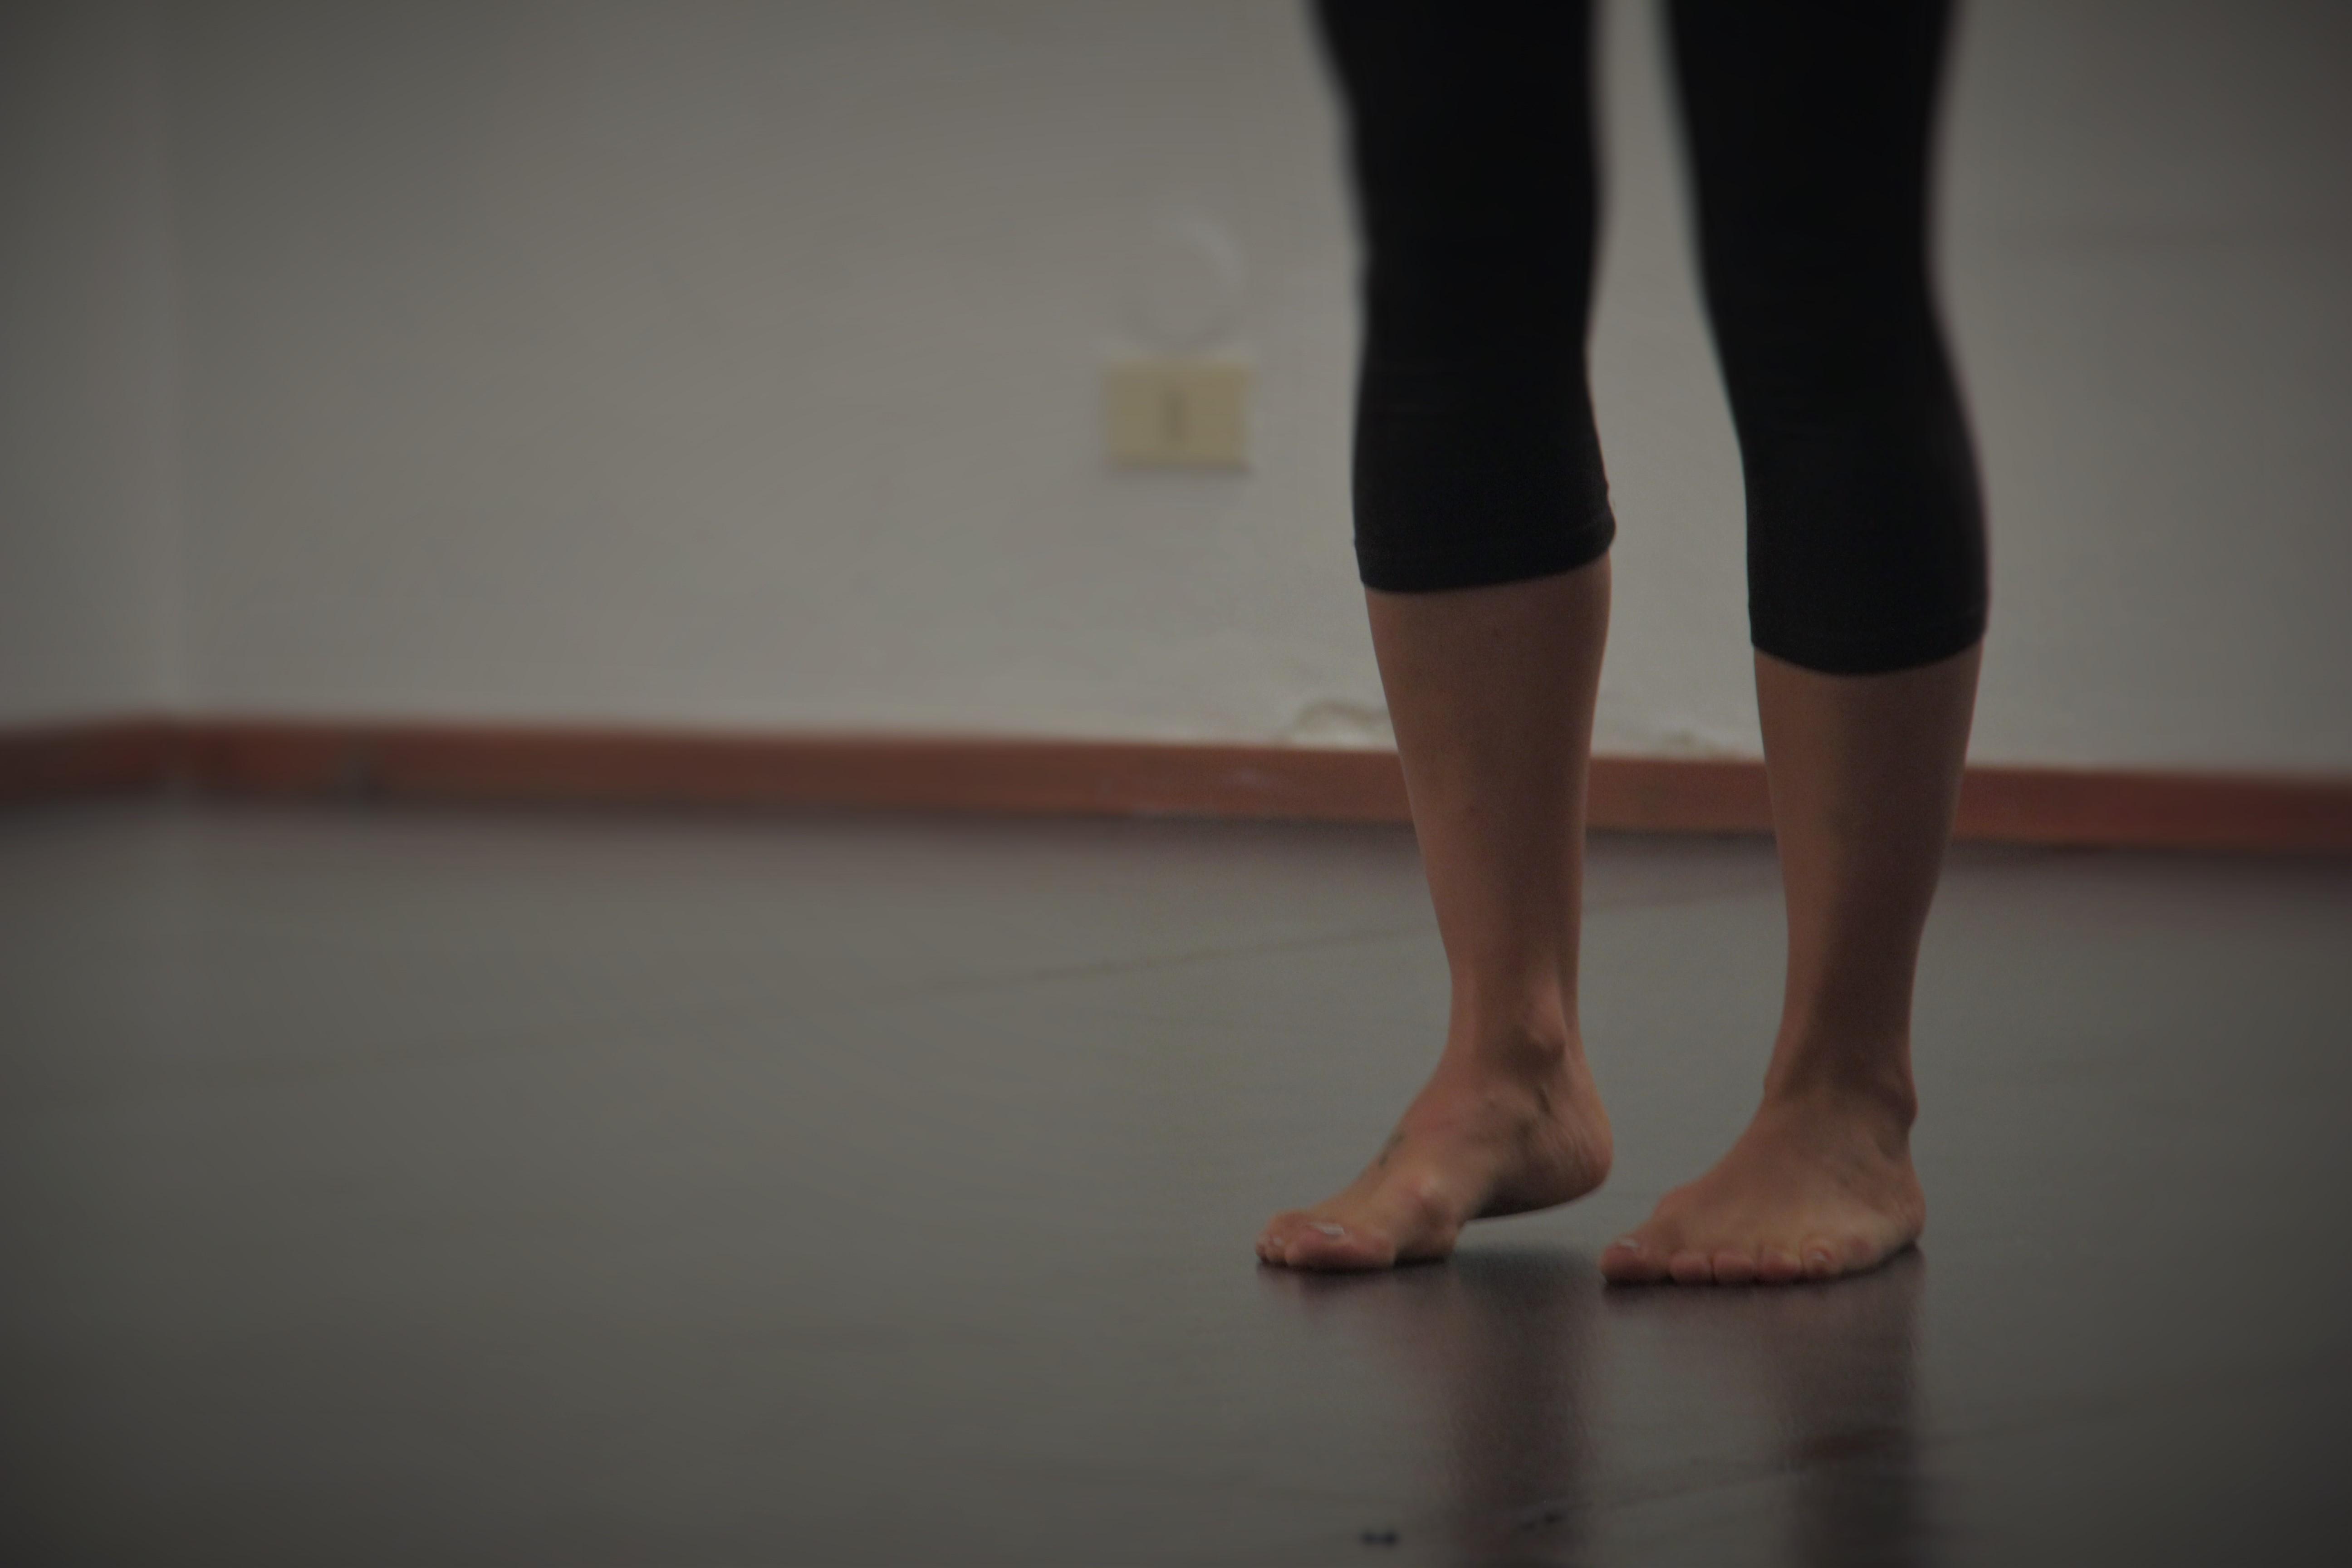 Corsi di Teatro Danza - Incontro con Insegnante - Dedalo Teatro Milano